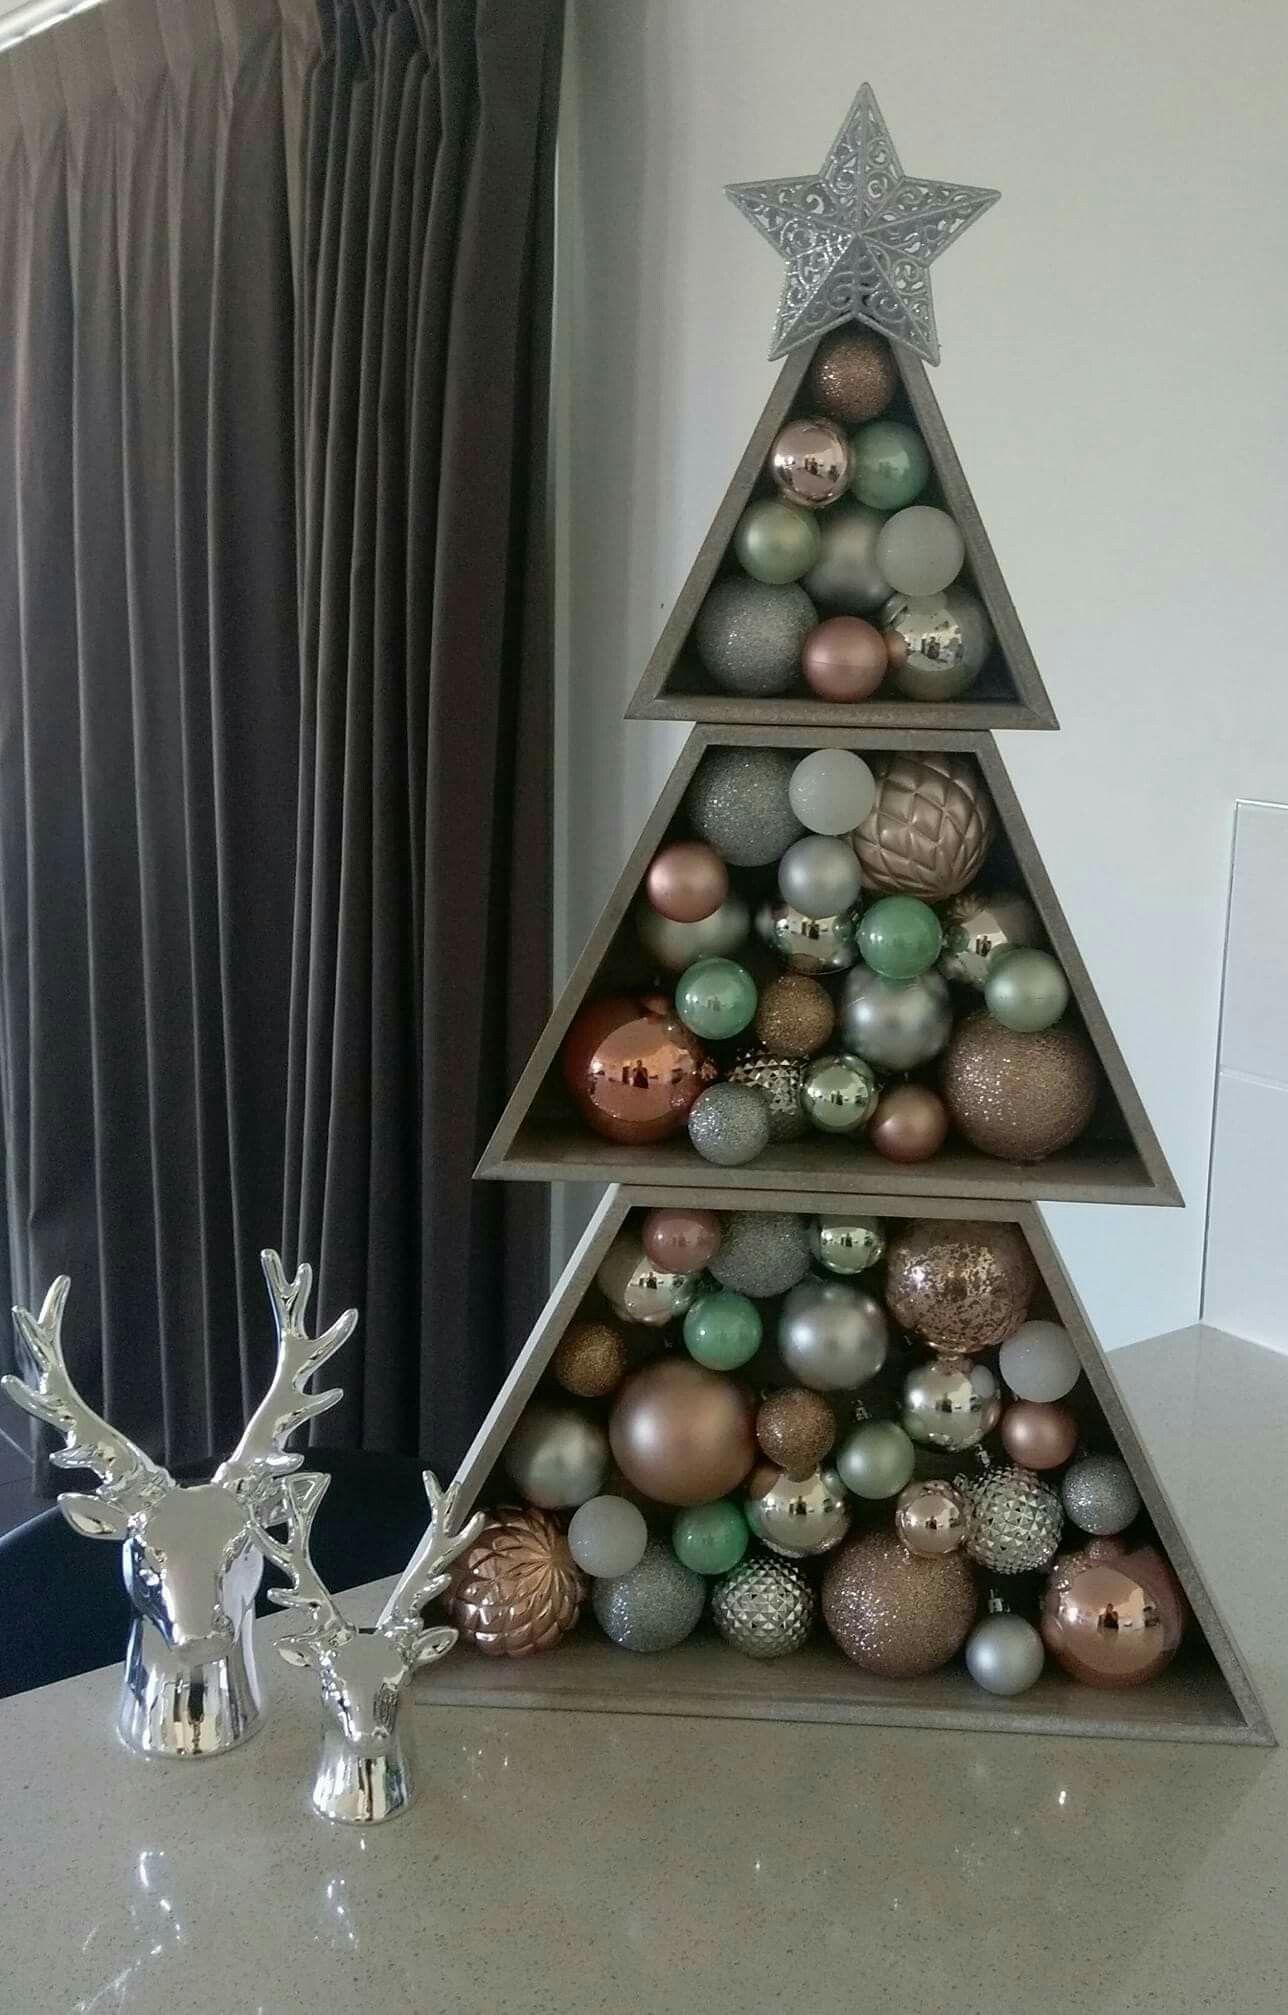 Pin By Terri Waag On Christmas Kmart Christmas Trees Christmas Tree Box Christmas Crafts